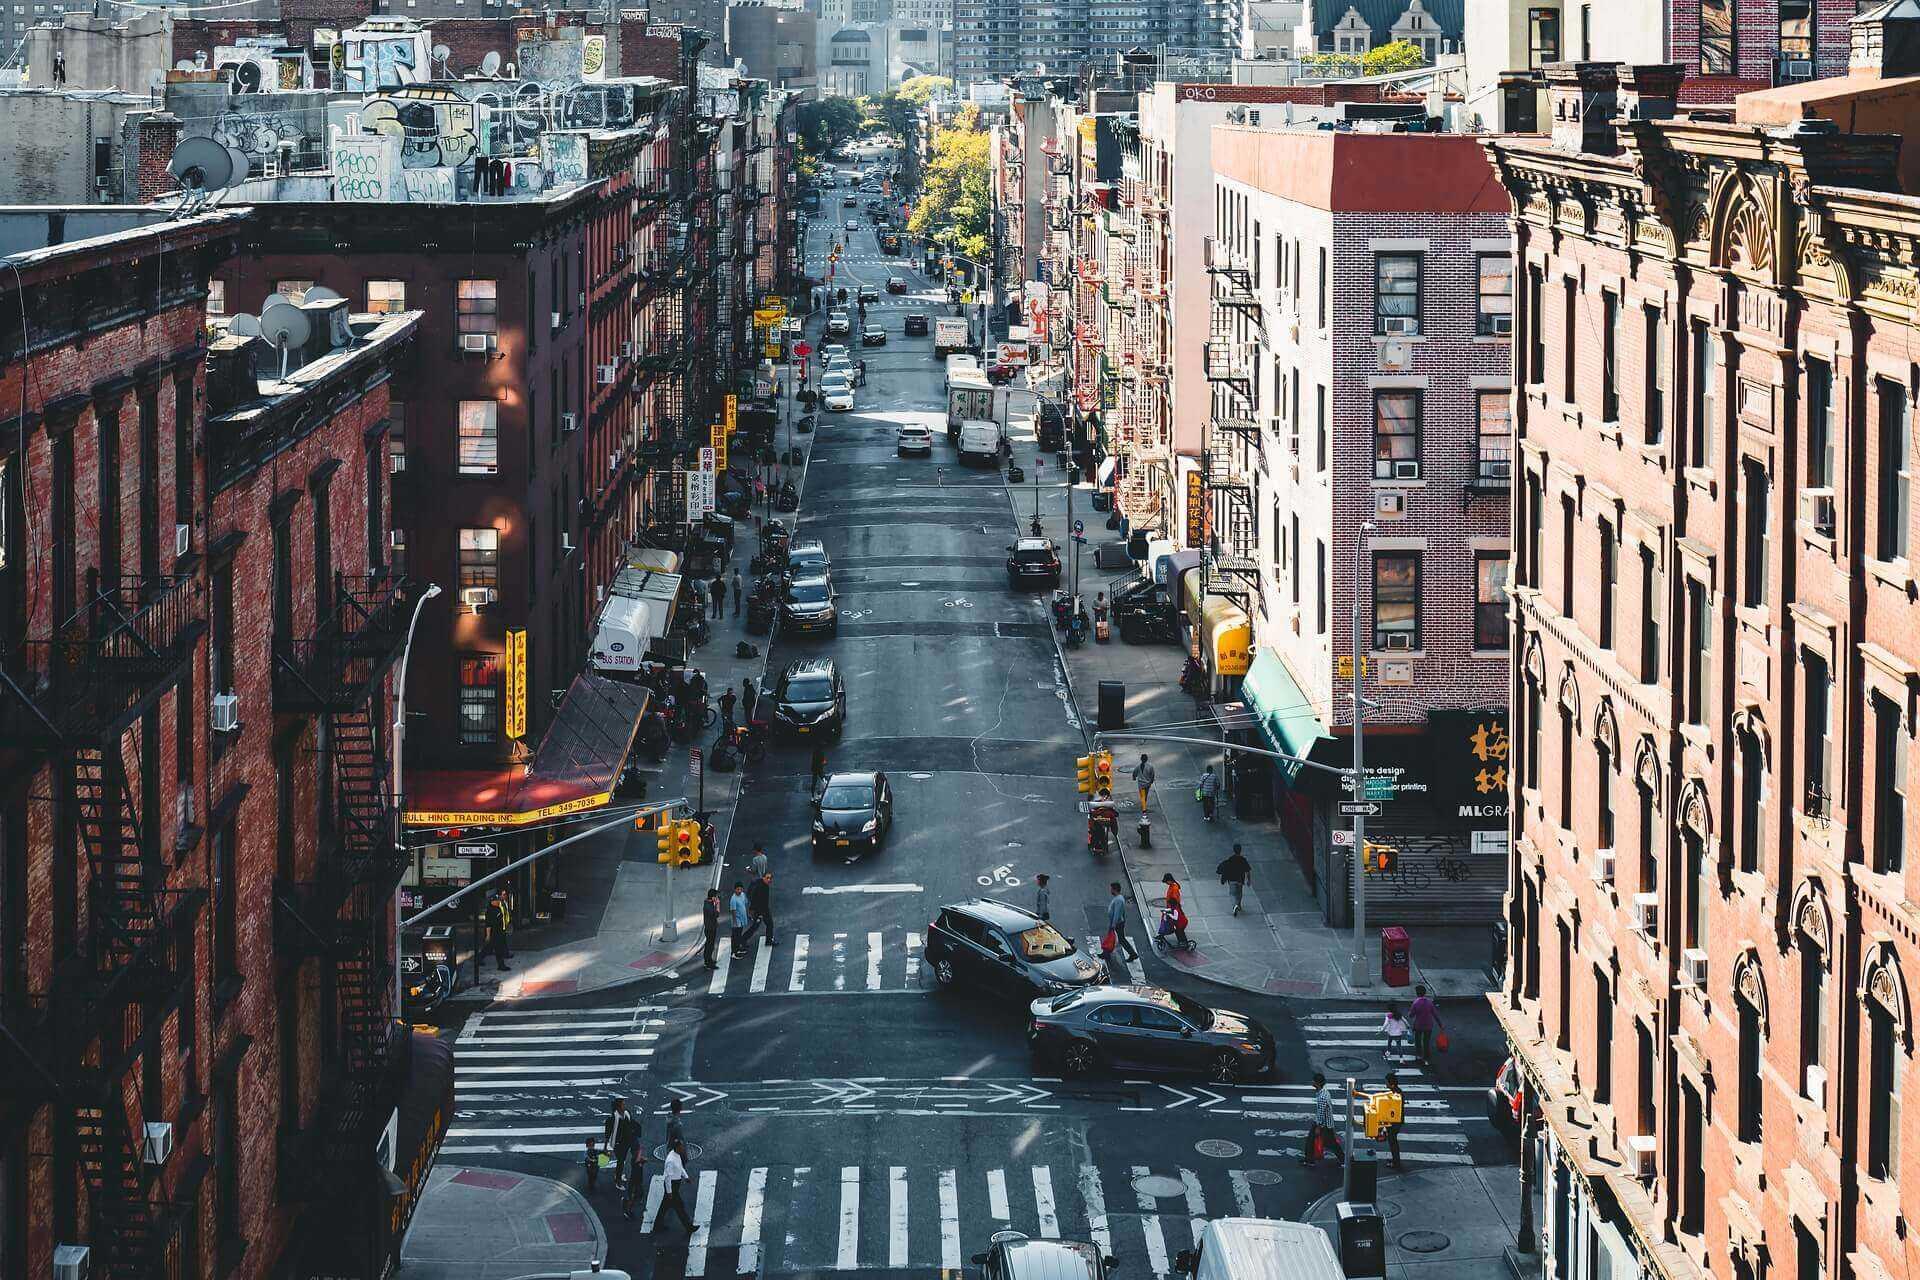 אטרקציות בניו יורק 2021 - מחירים, כרטיסים, המלצות וכל הפרטים